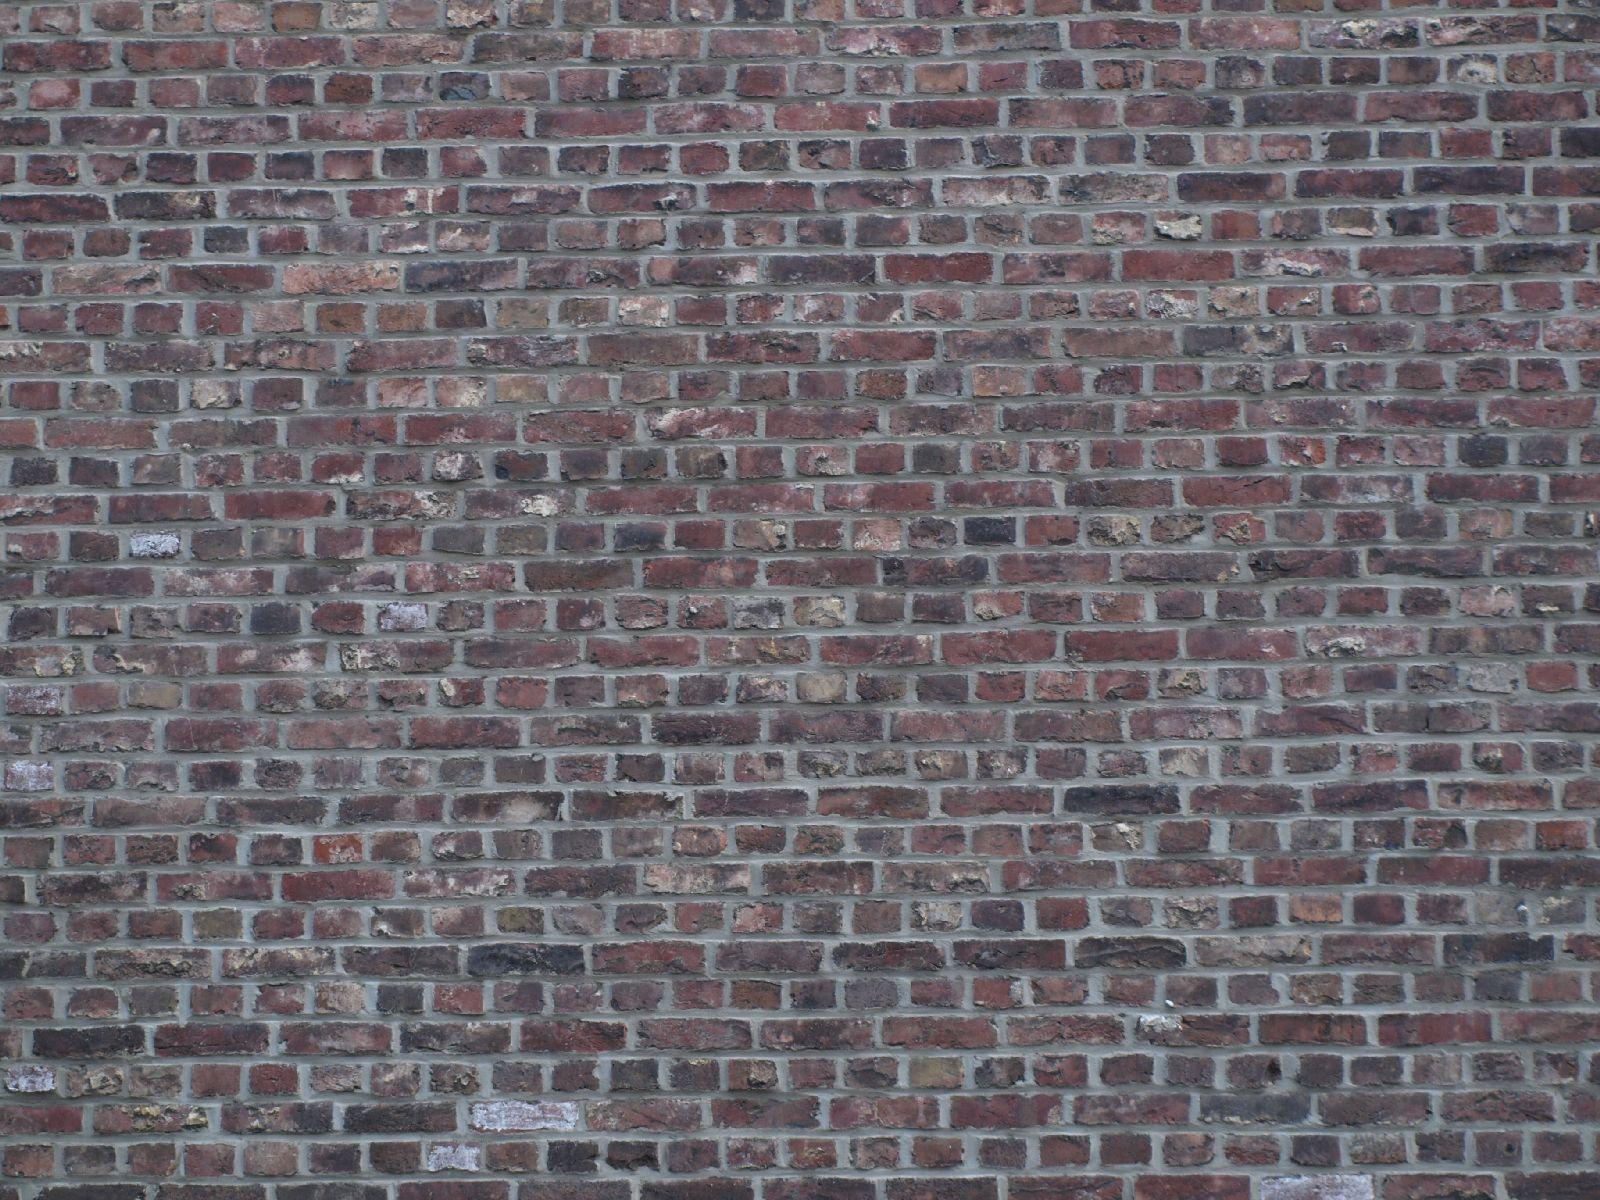 Brick_Texture_A_P1249880